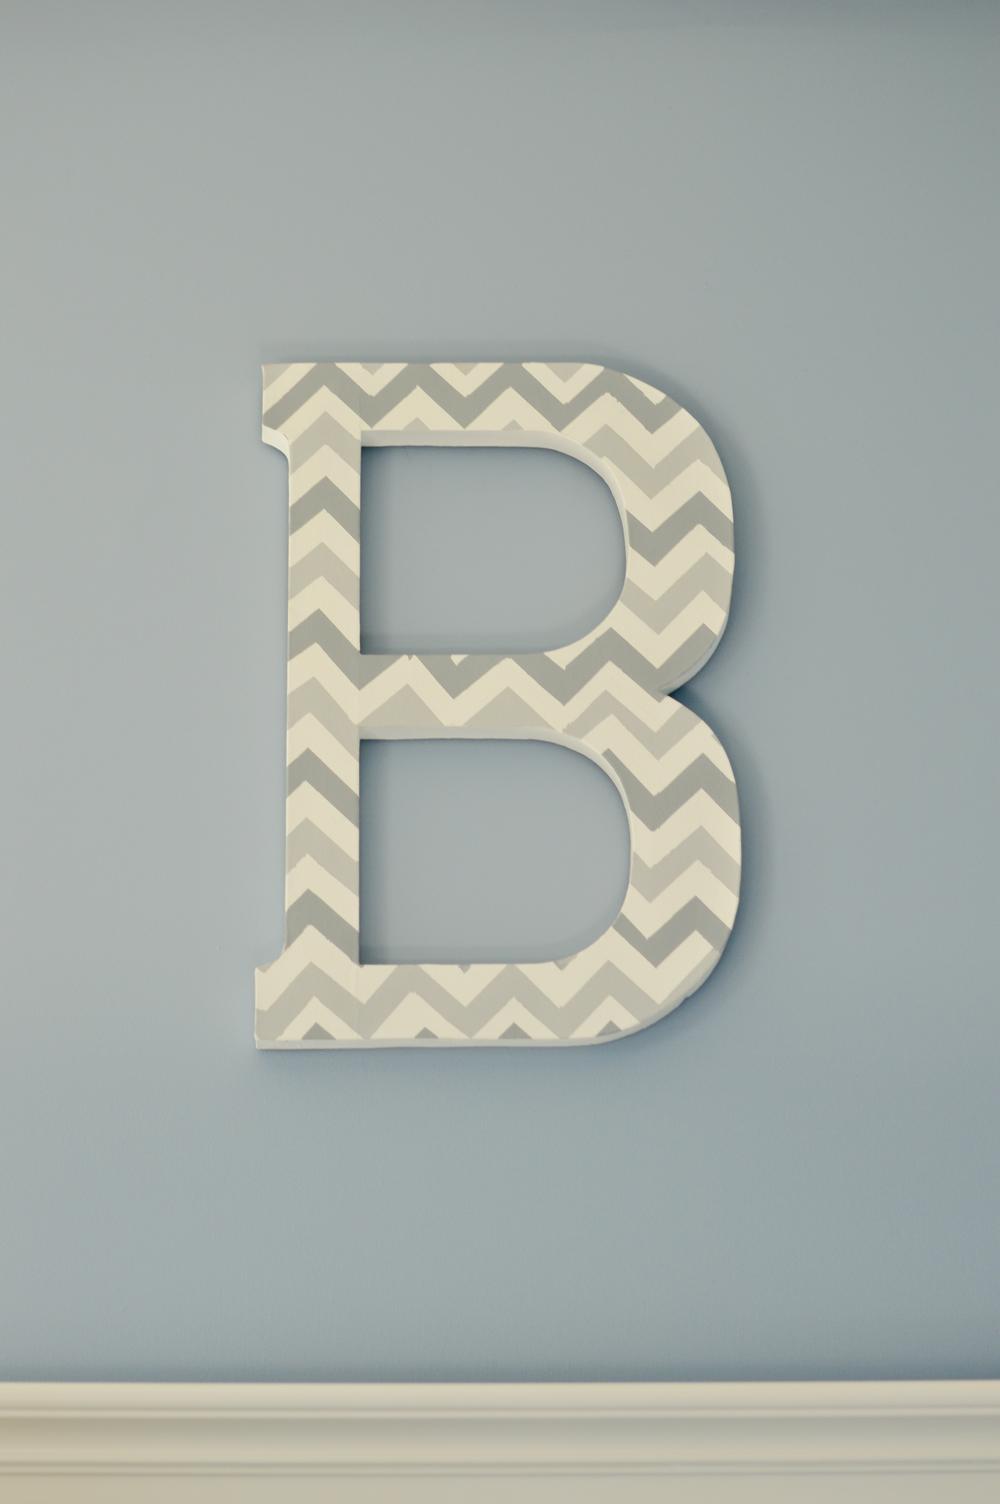 Brayden-newborn-1.jpg